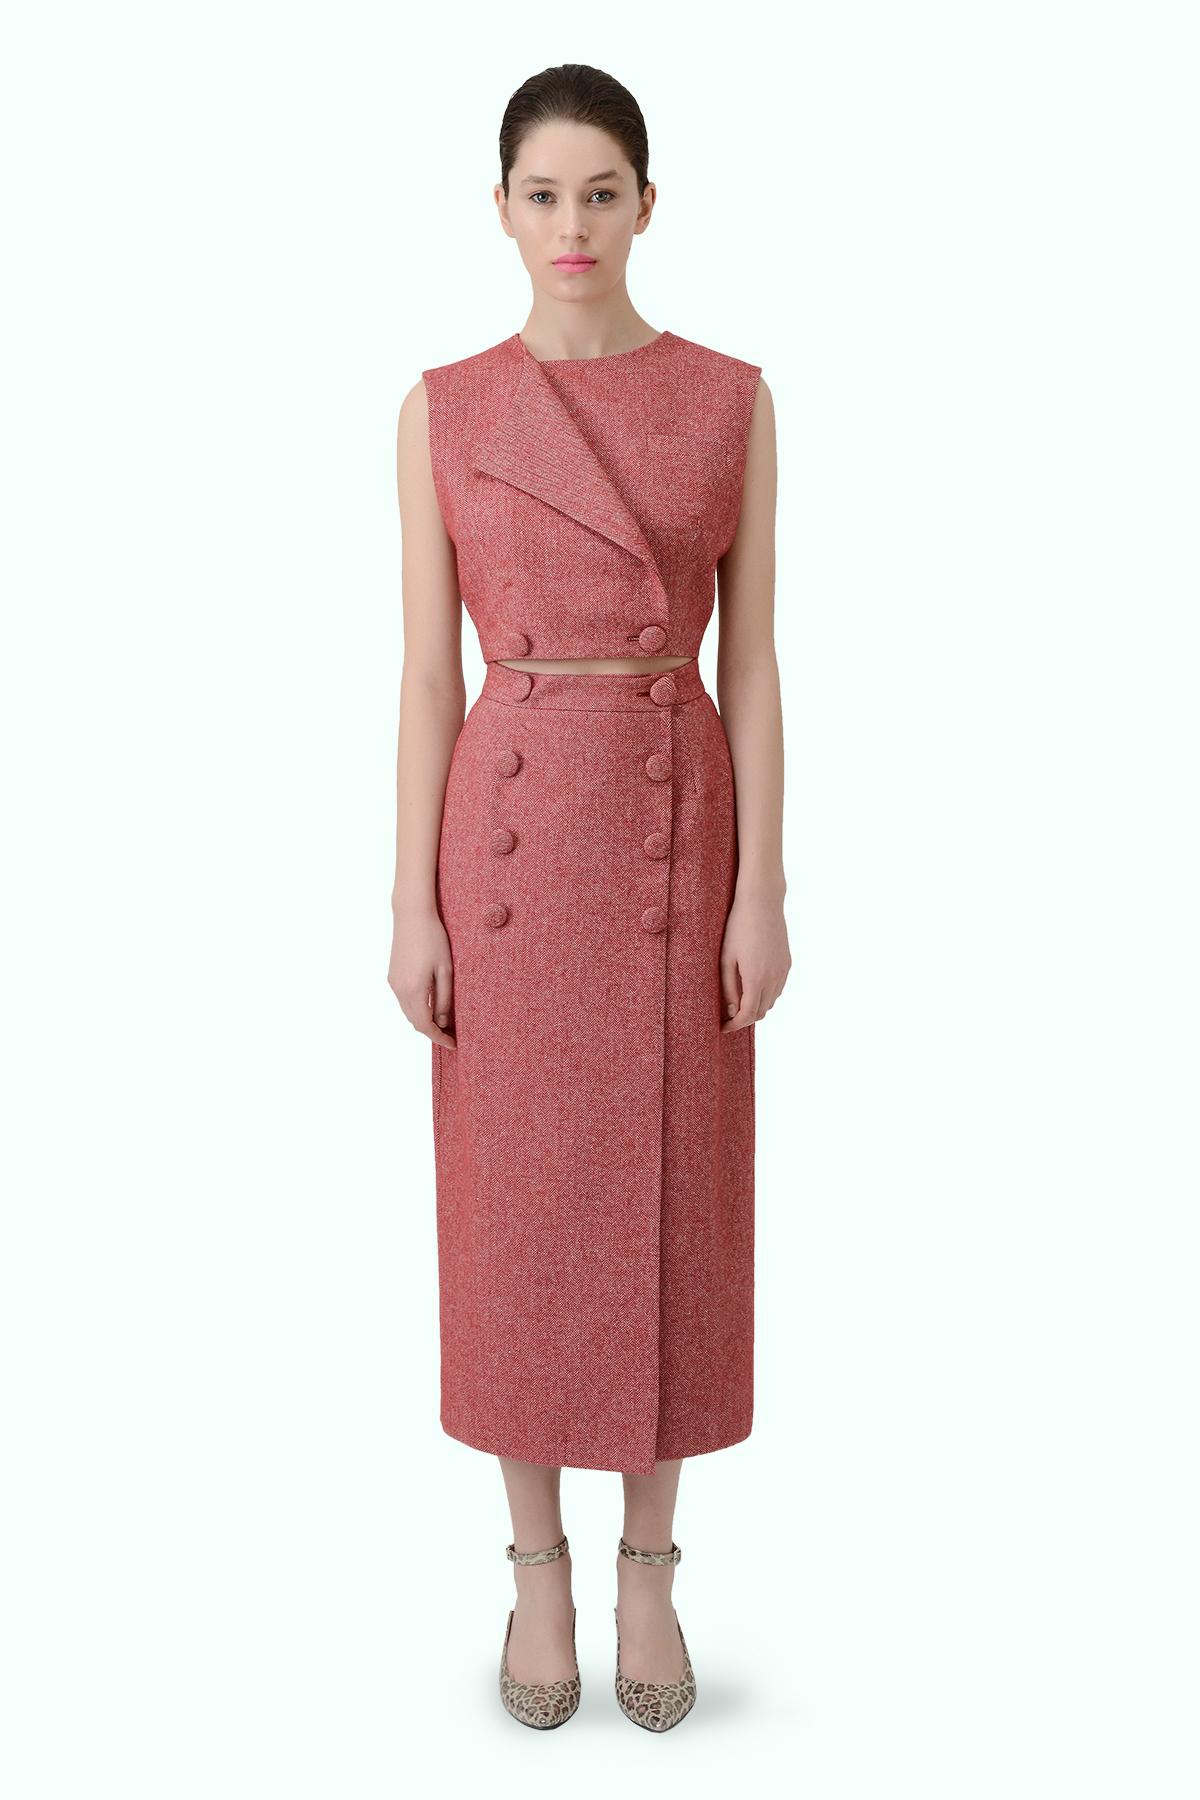 Red twed high waist skirt